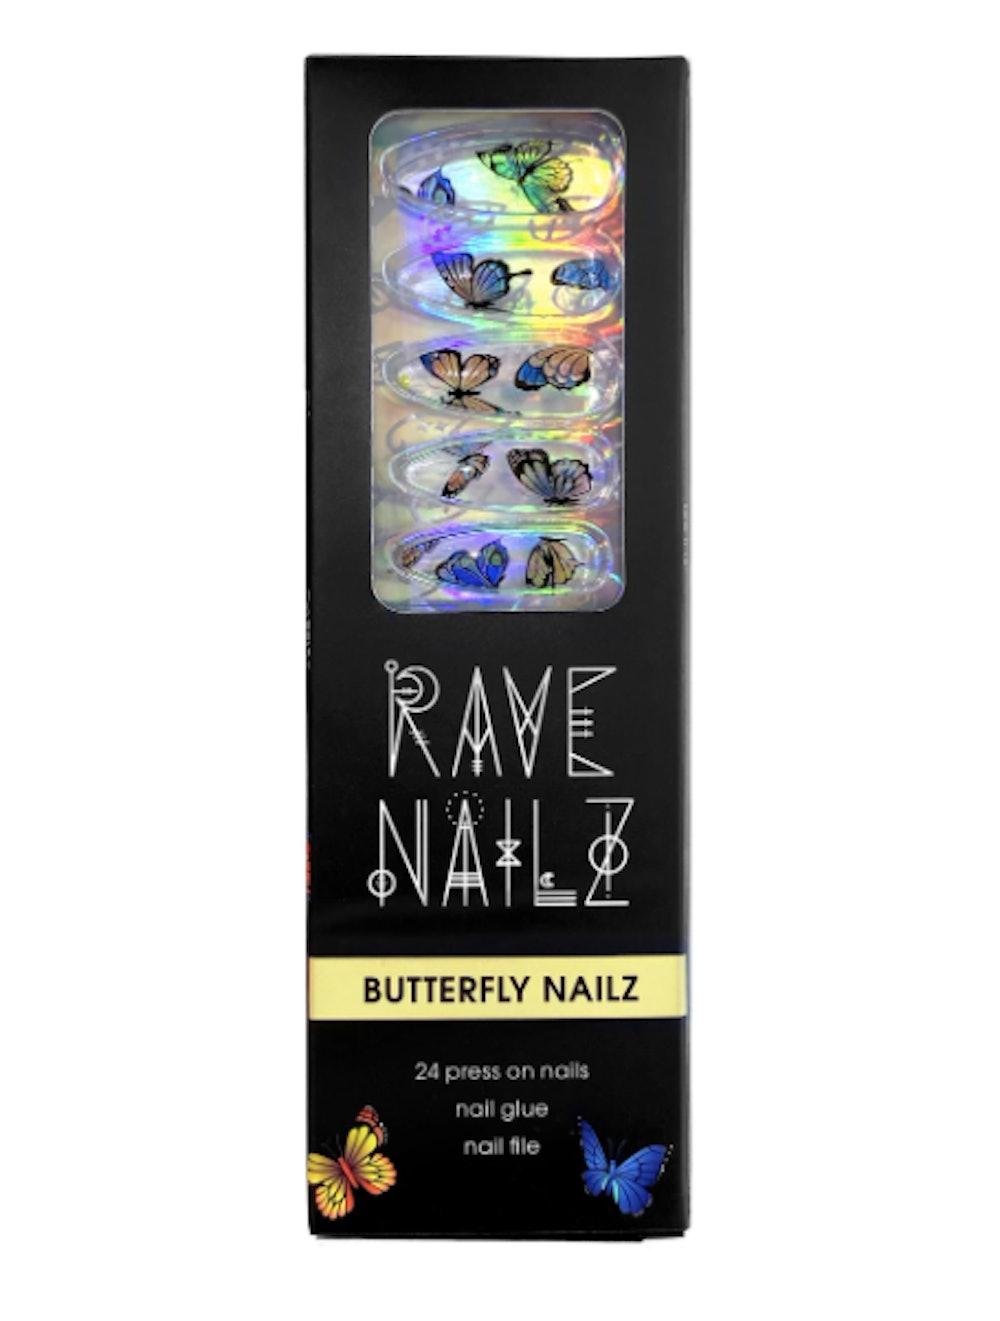 Butterfly Nailz